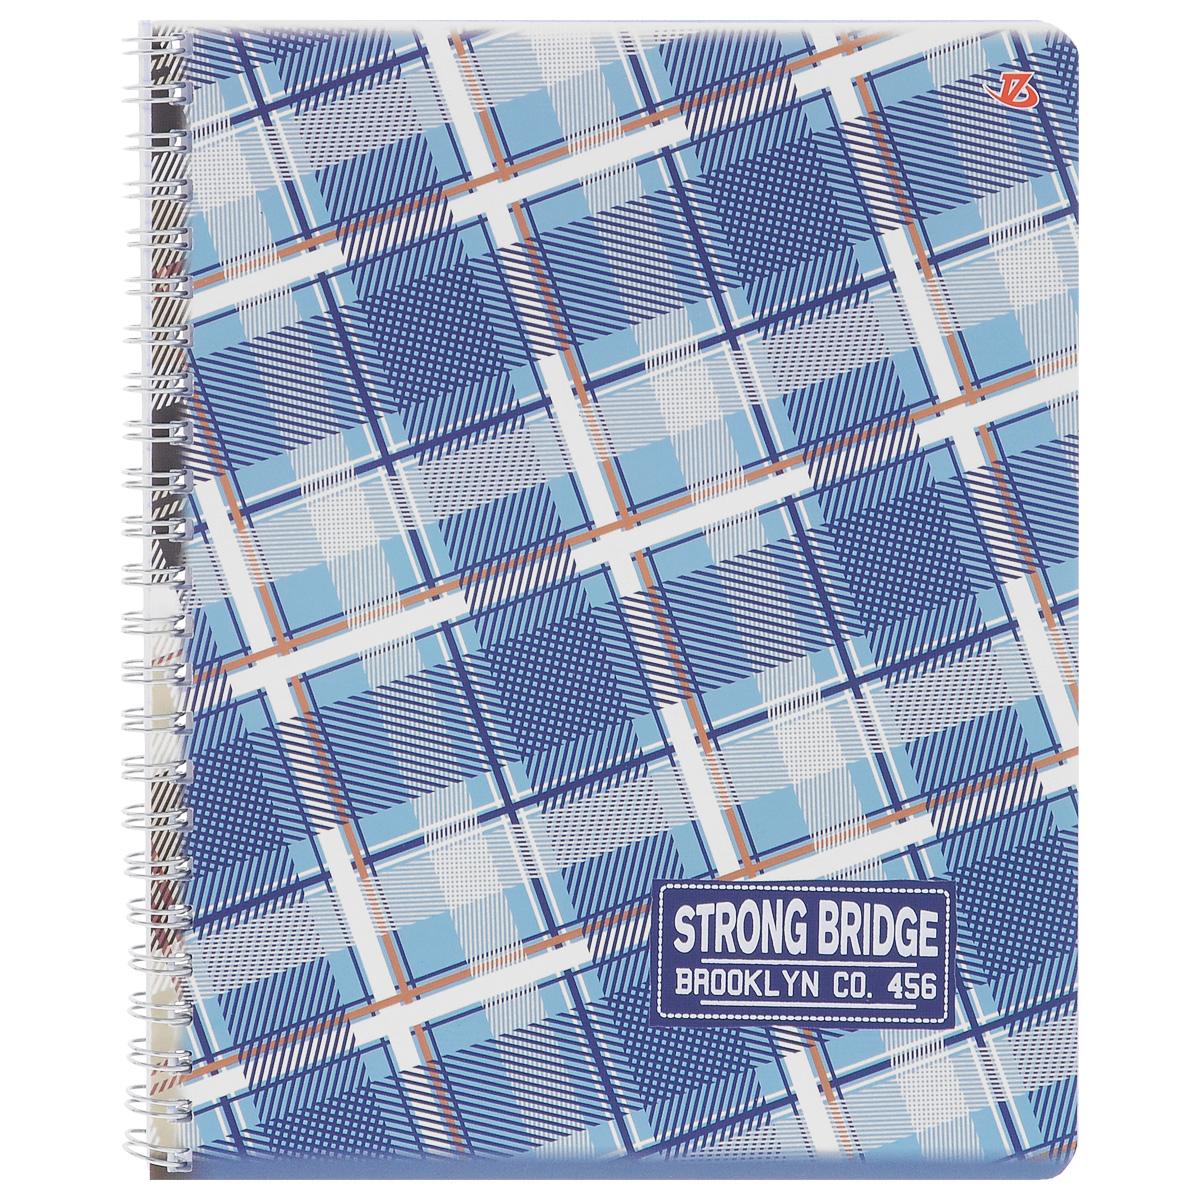 Тетрадь в клетку Strong Bridge, цвет: синий, голубой, бежевый, 60 листов. 6658/36658/3_сине-голубойТетрадь Strong Bridge подойдет для любых работ и студенту, и школьнику. Фактурная обложка тетради с элементами серебряного тиснения выполнена из мелованного картона с закругленными углами. Внутренний блок тетради соединен металлической пружиной и состоит из 60 листов высококачественной бумаги повышенной белизны.